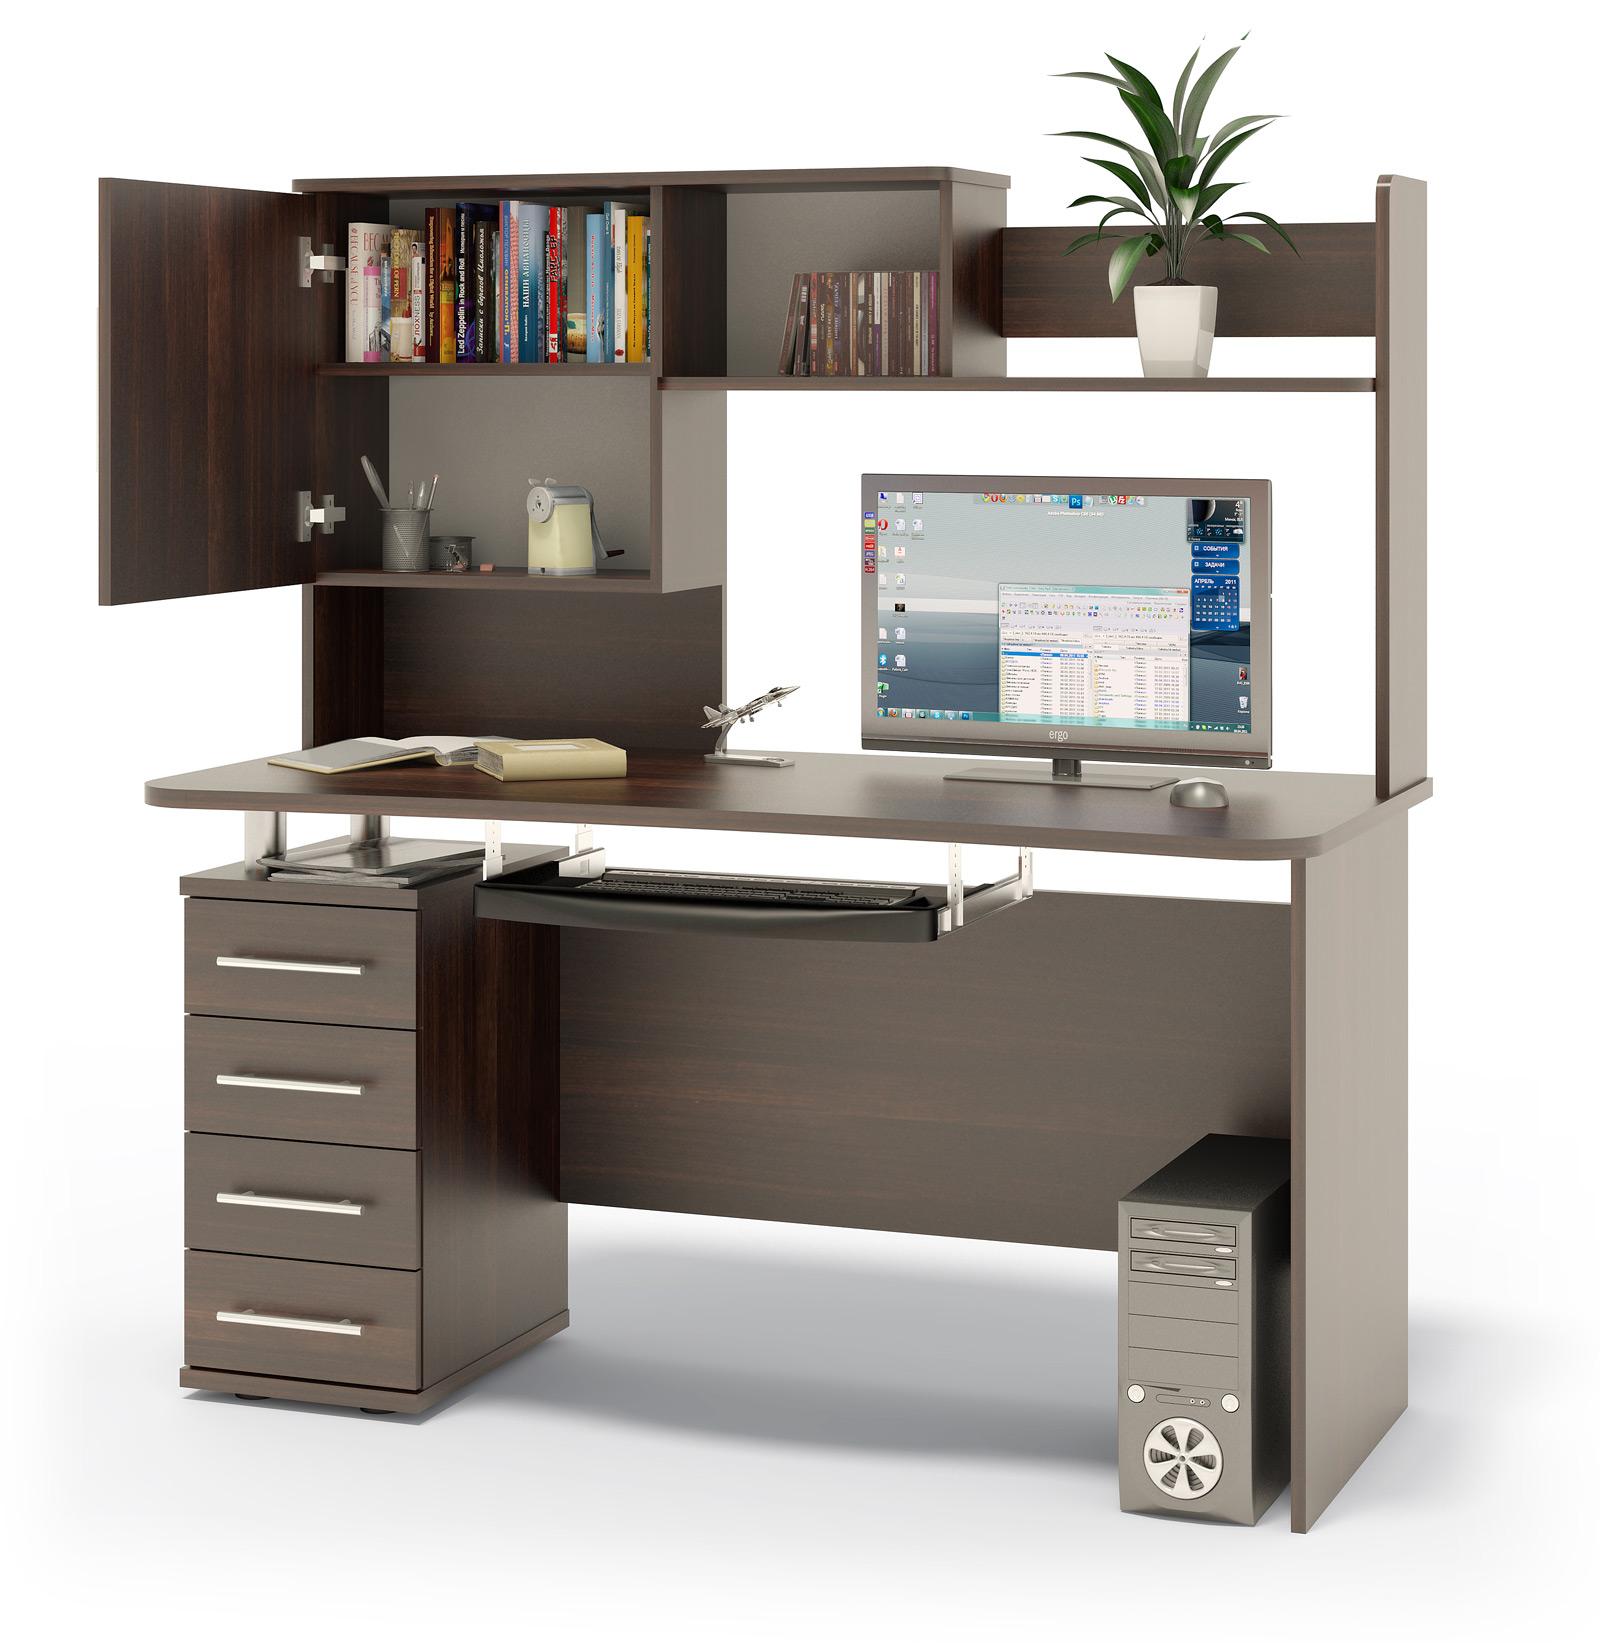 Компьютерный стол в комплекте СОКОЛ КСТ-105.1+КН-14 140x60x147, дуб венге